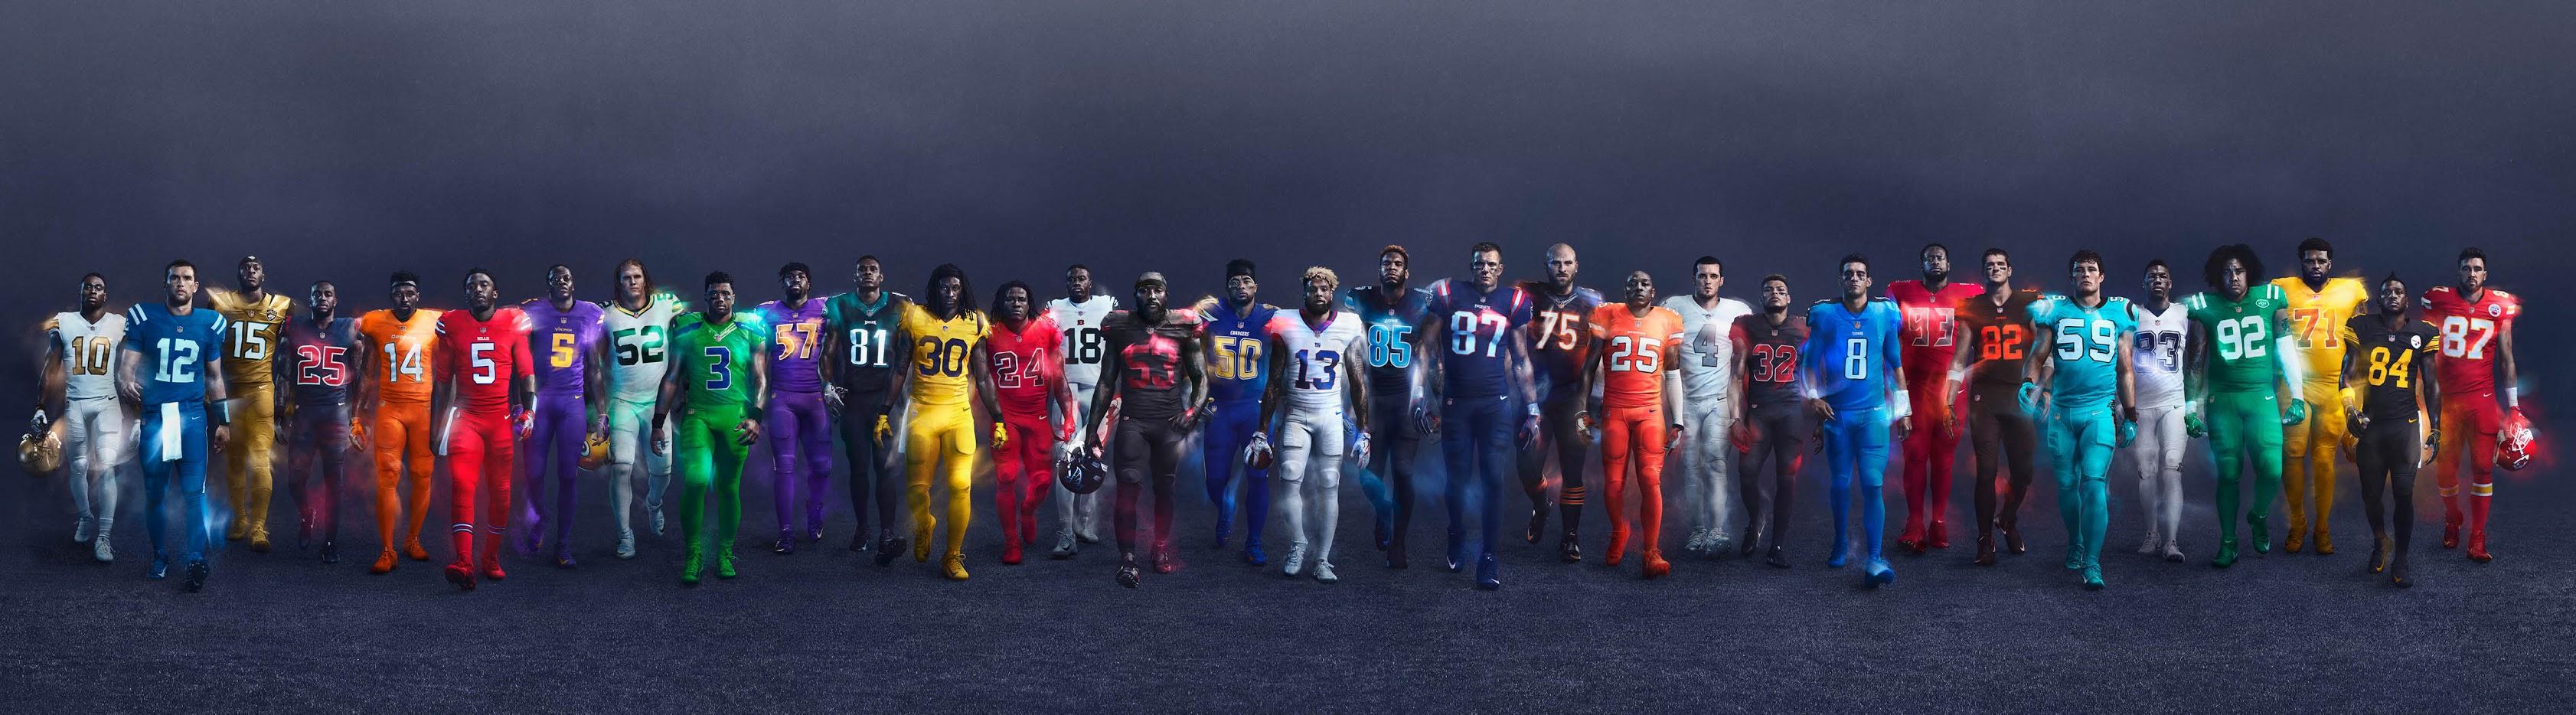 Nike-Football-NFL-Color-Rush-2016-Group-